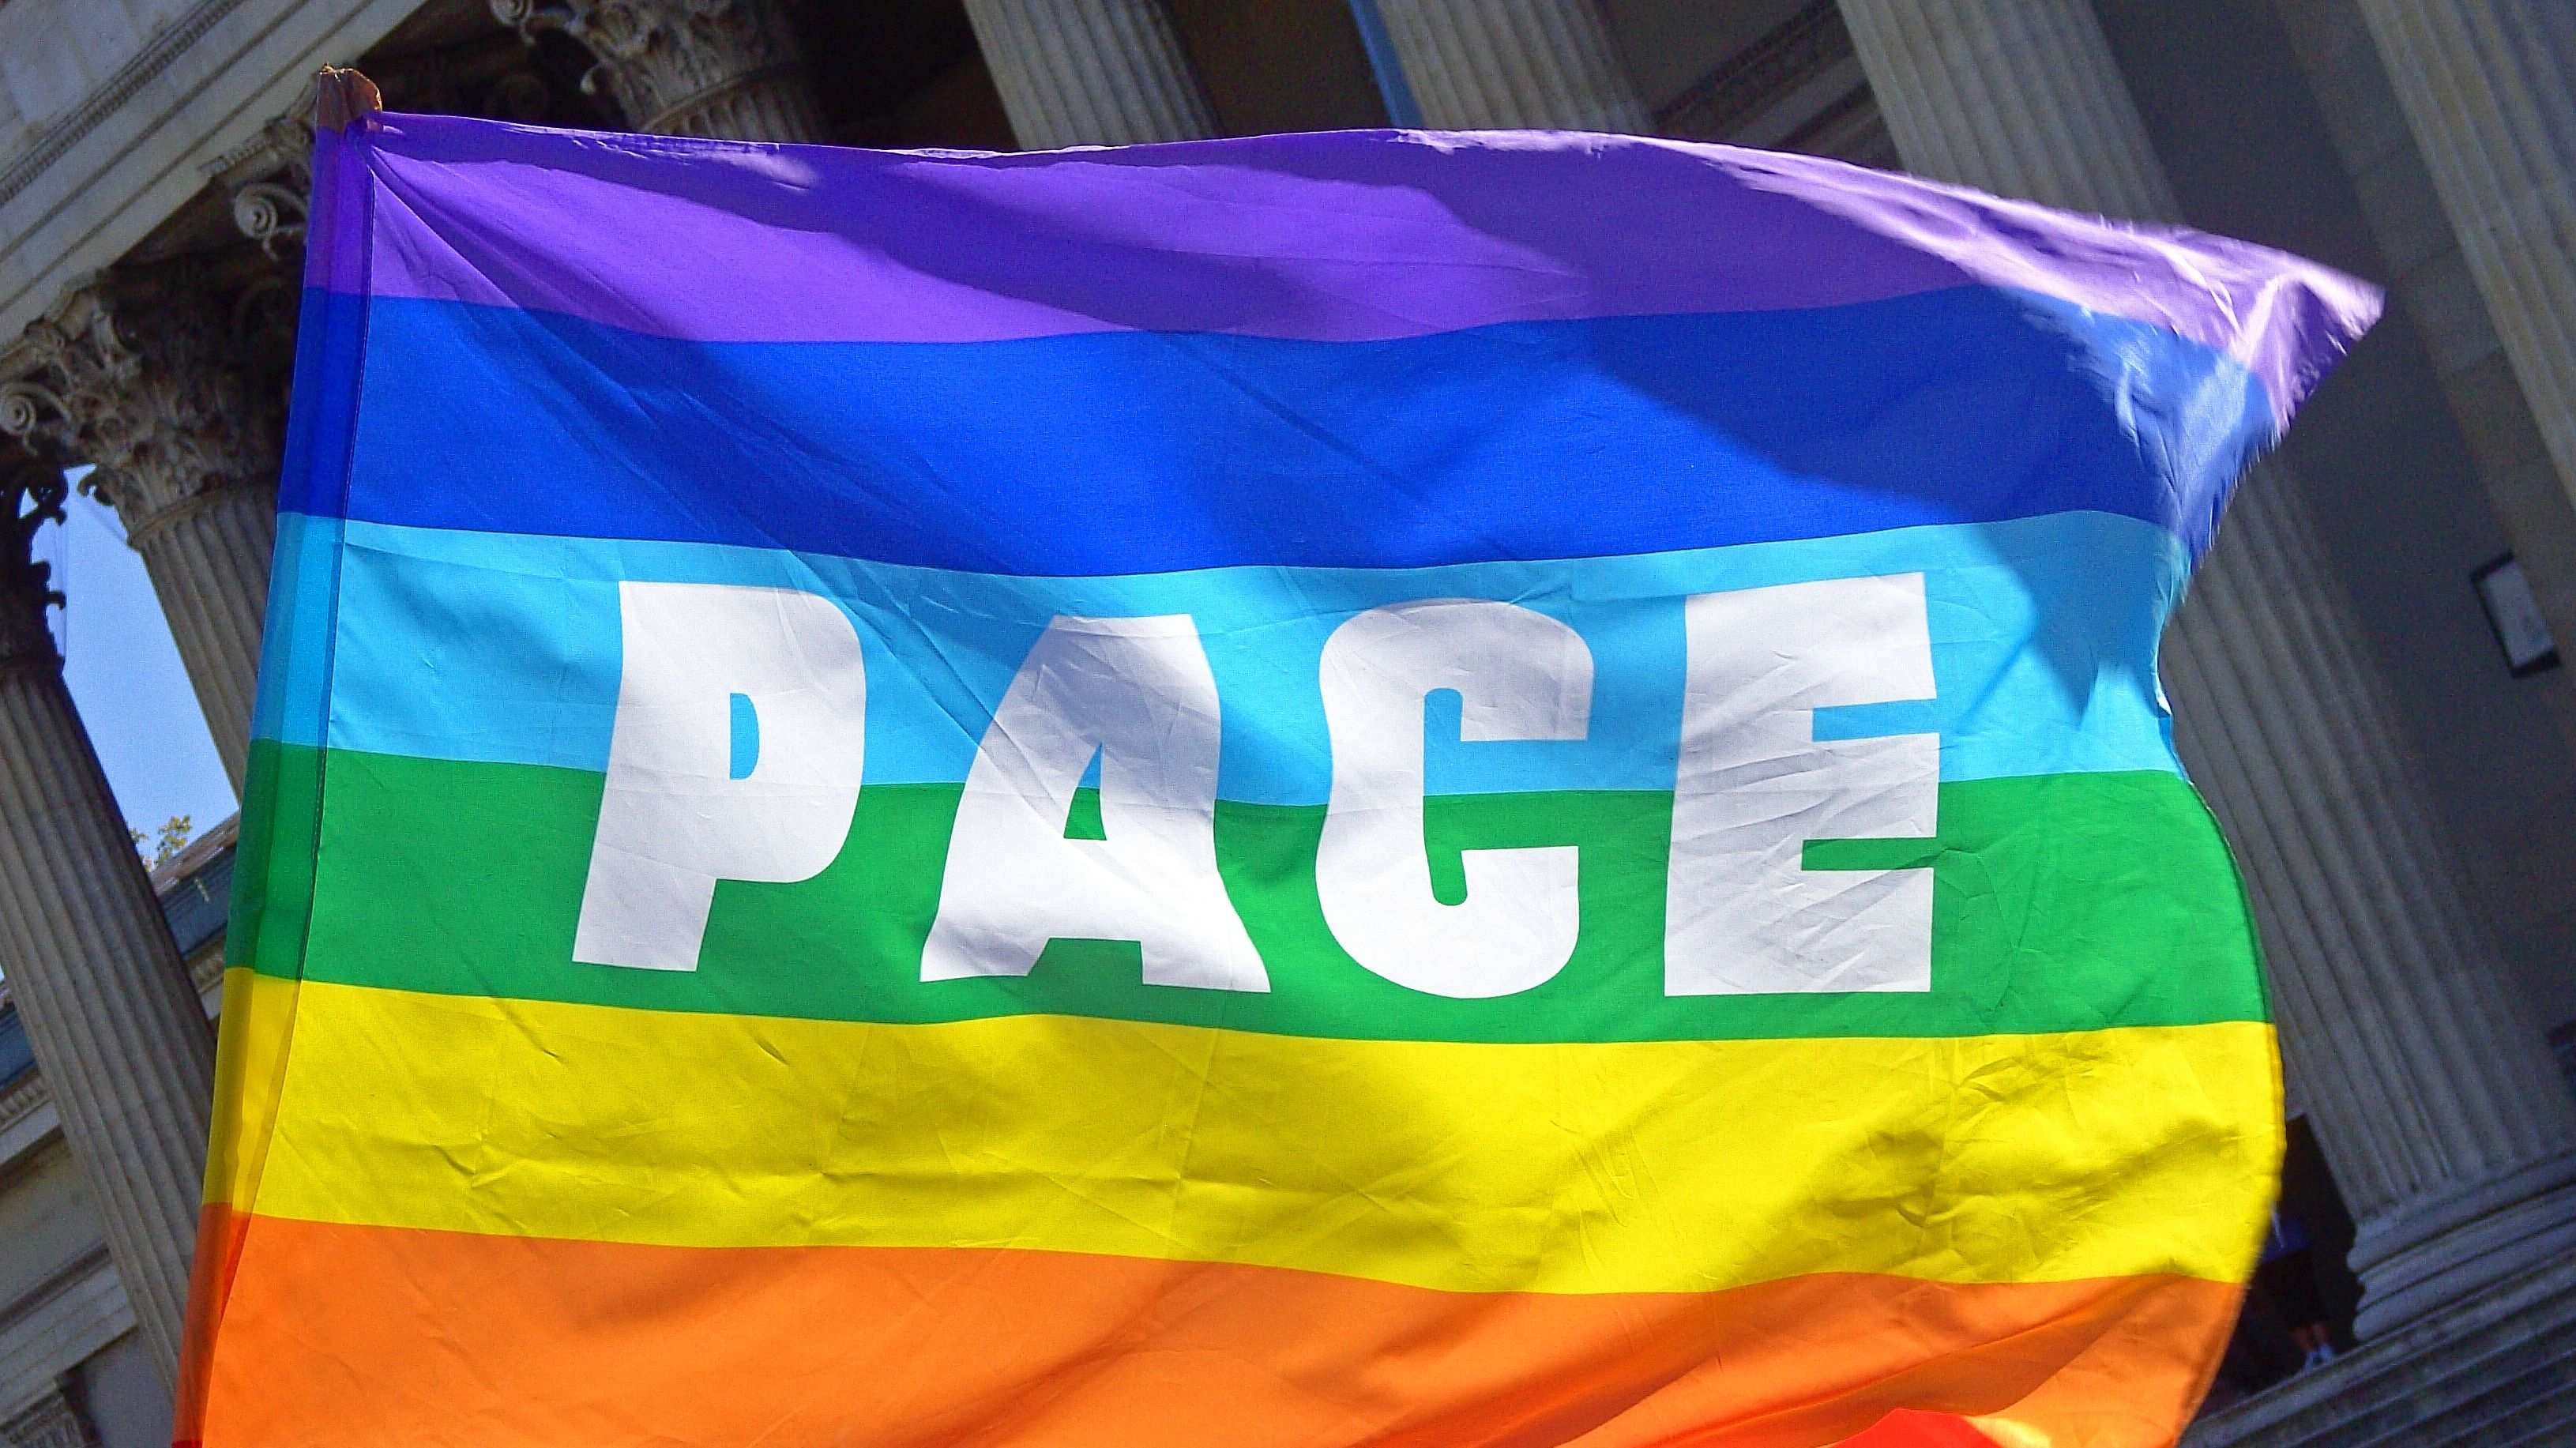 Pace-Flagge am Königsplatz in München 2007